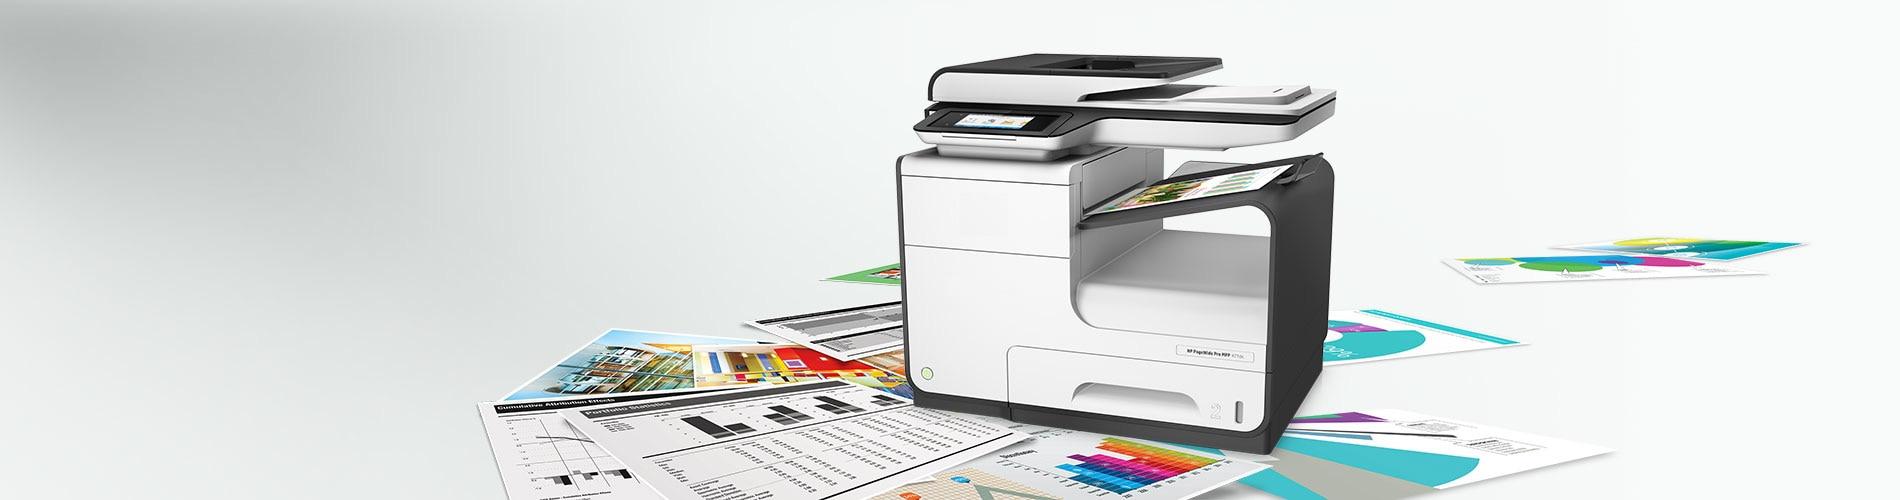 принтера, копировального аппарата, МФУ